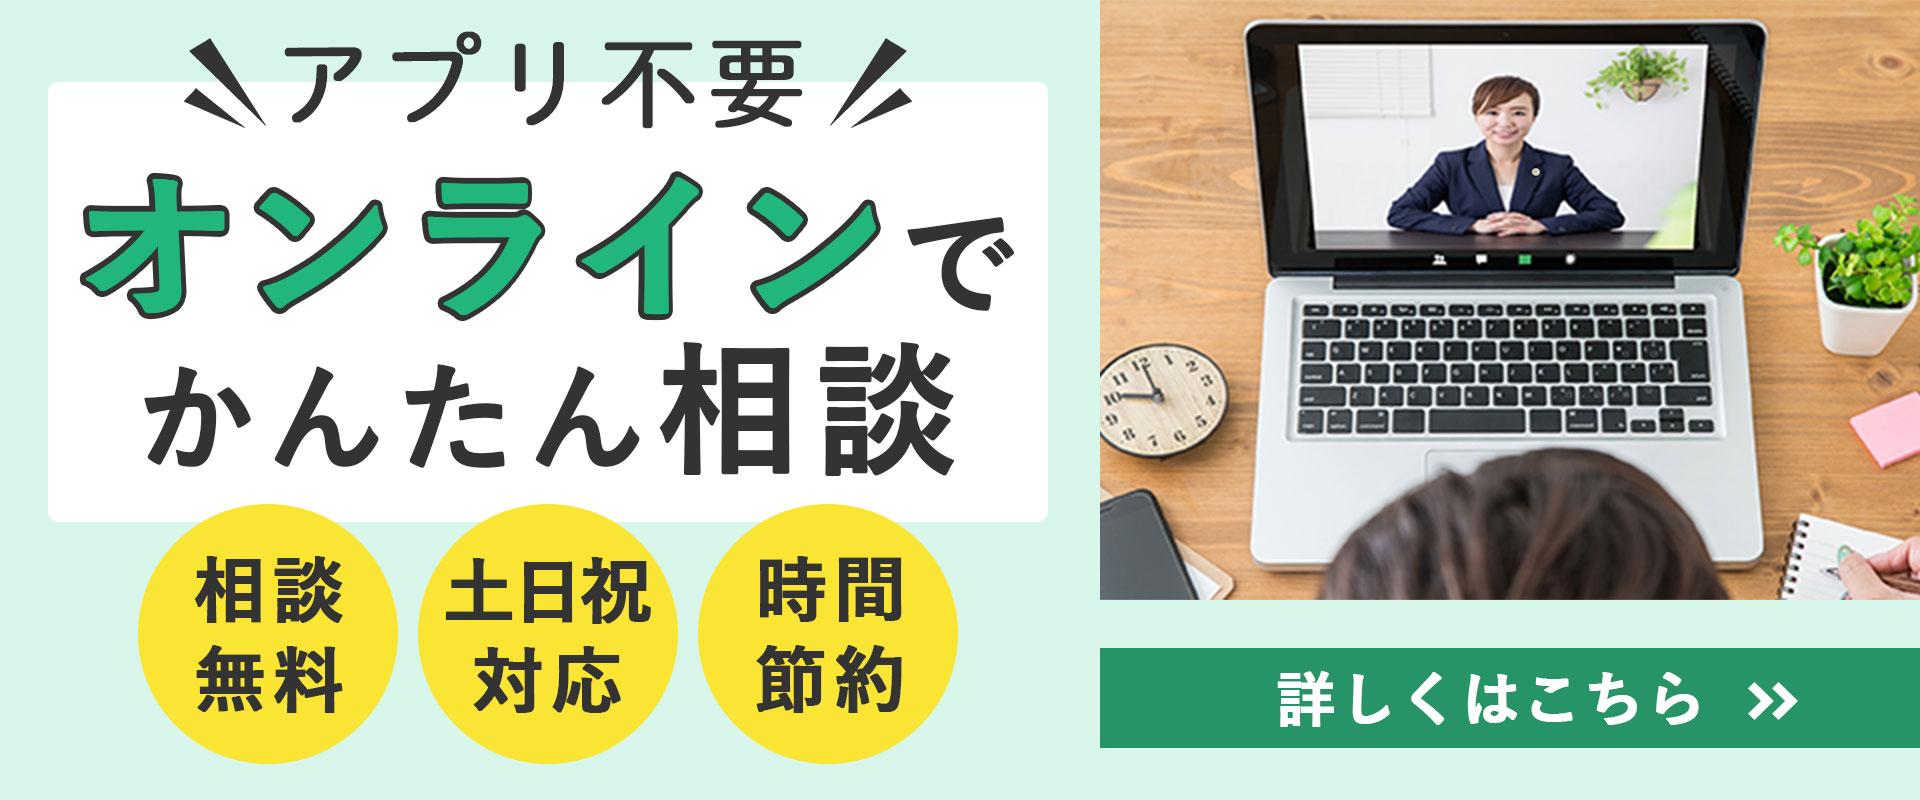 大阪相続相談所のオンライン相談で簡単相談可能!アプリ不要で相談無料!